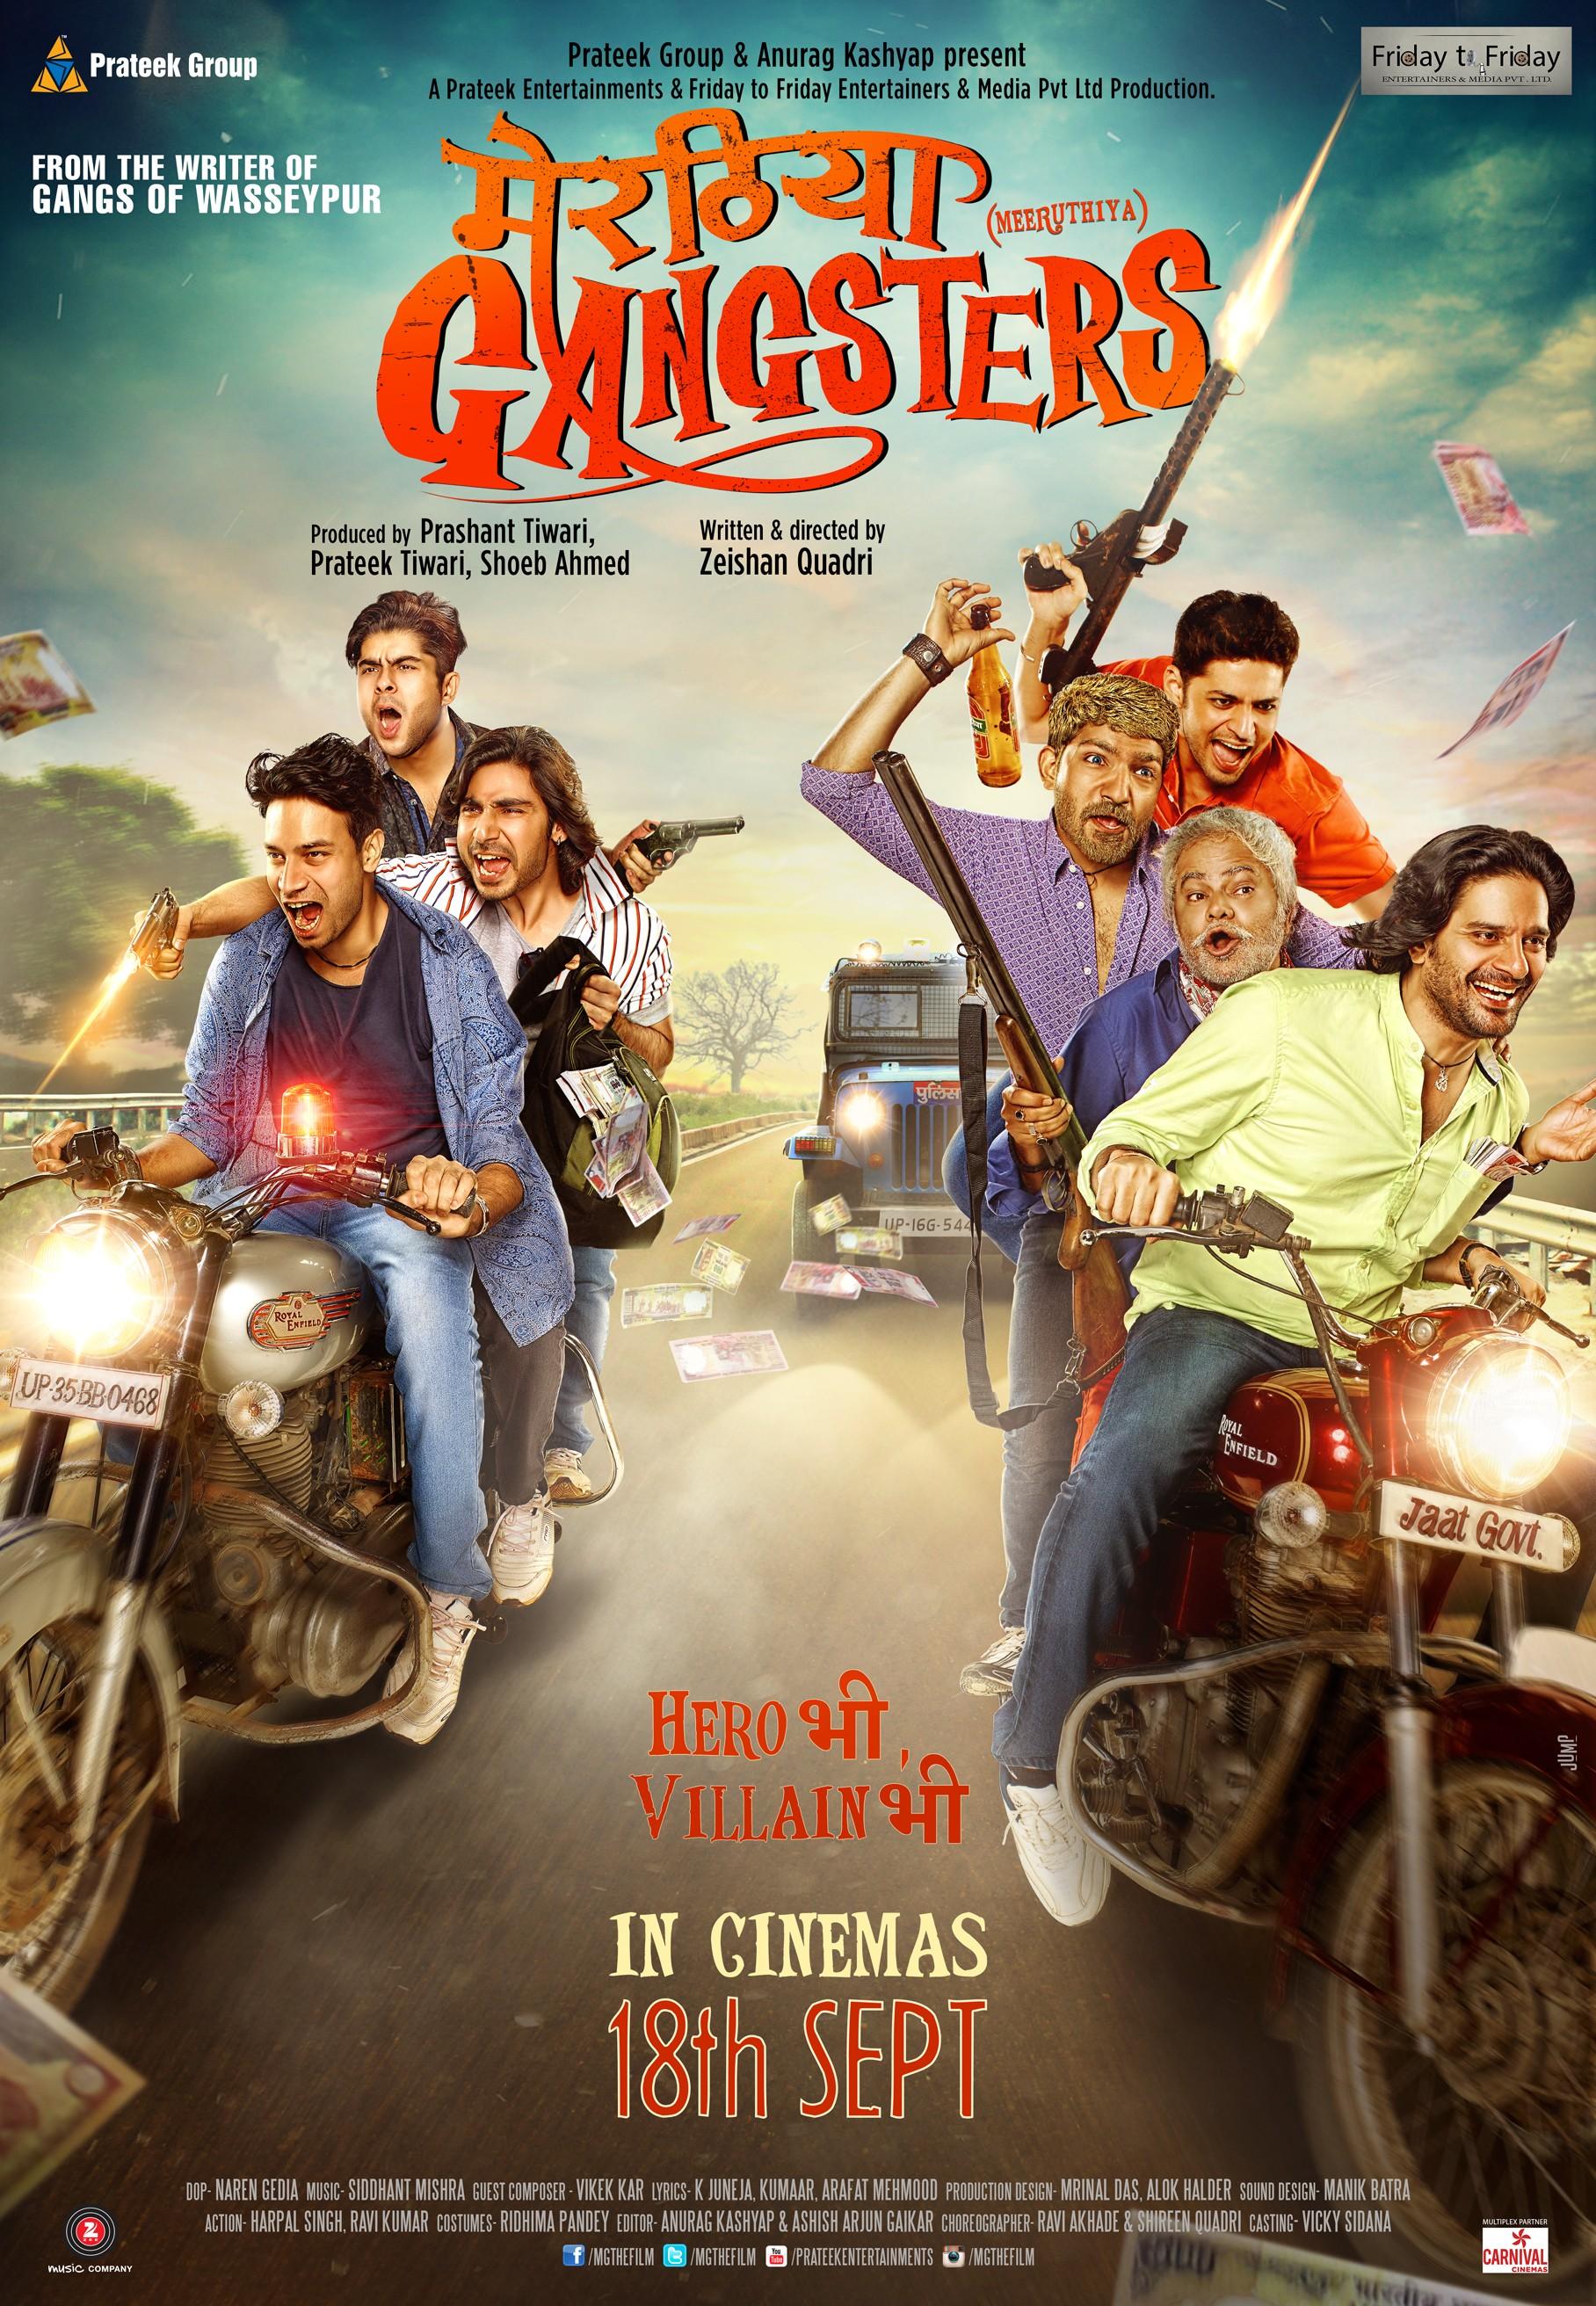 Meeruthiya Gangsters Image